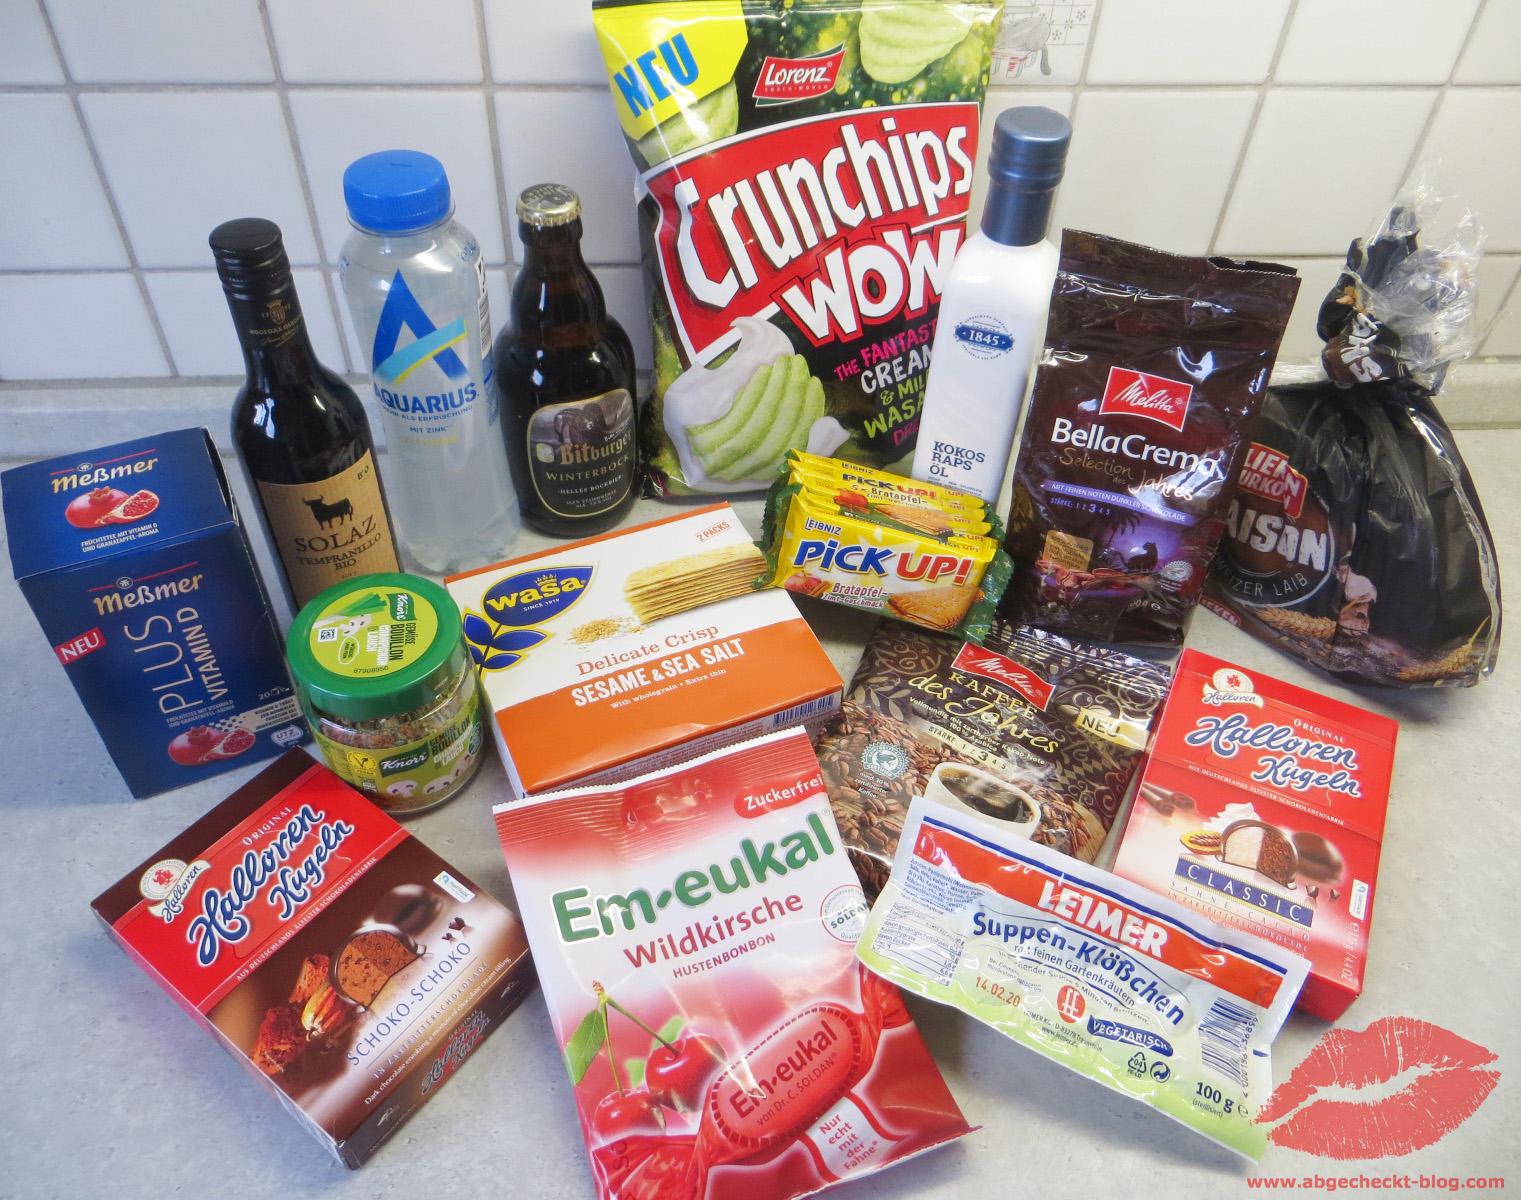 Abgecheckt Tipp der Woche: Spangen Pumps von Deichmann